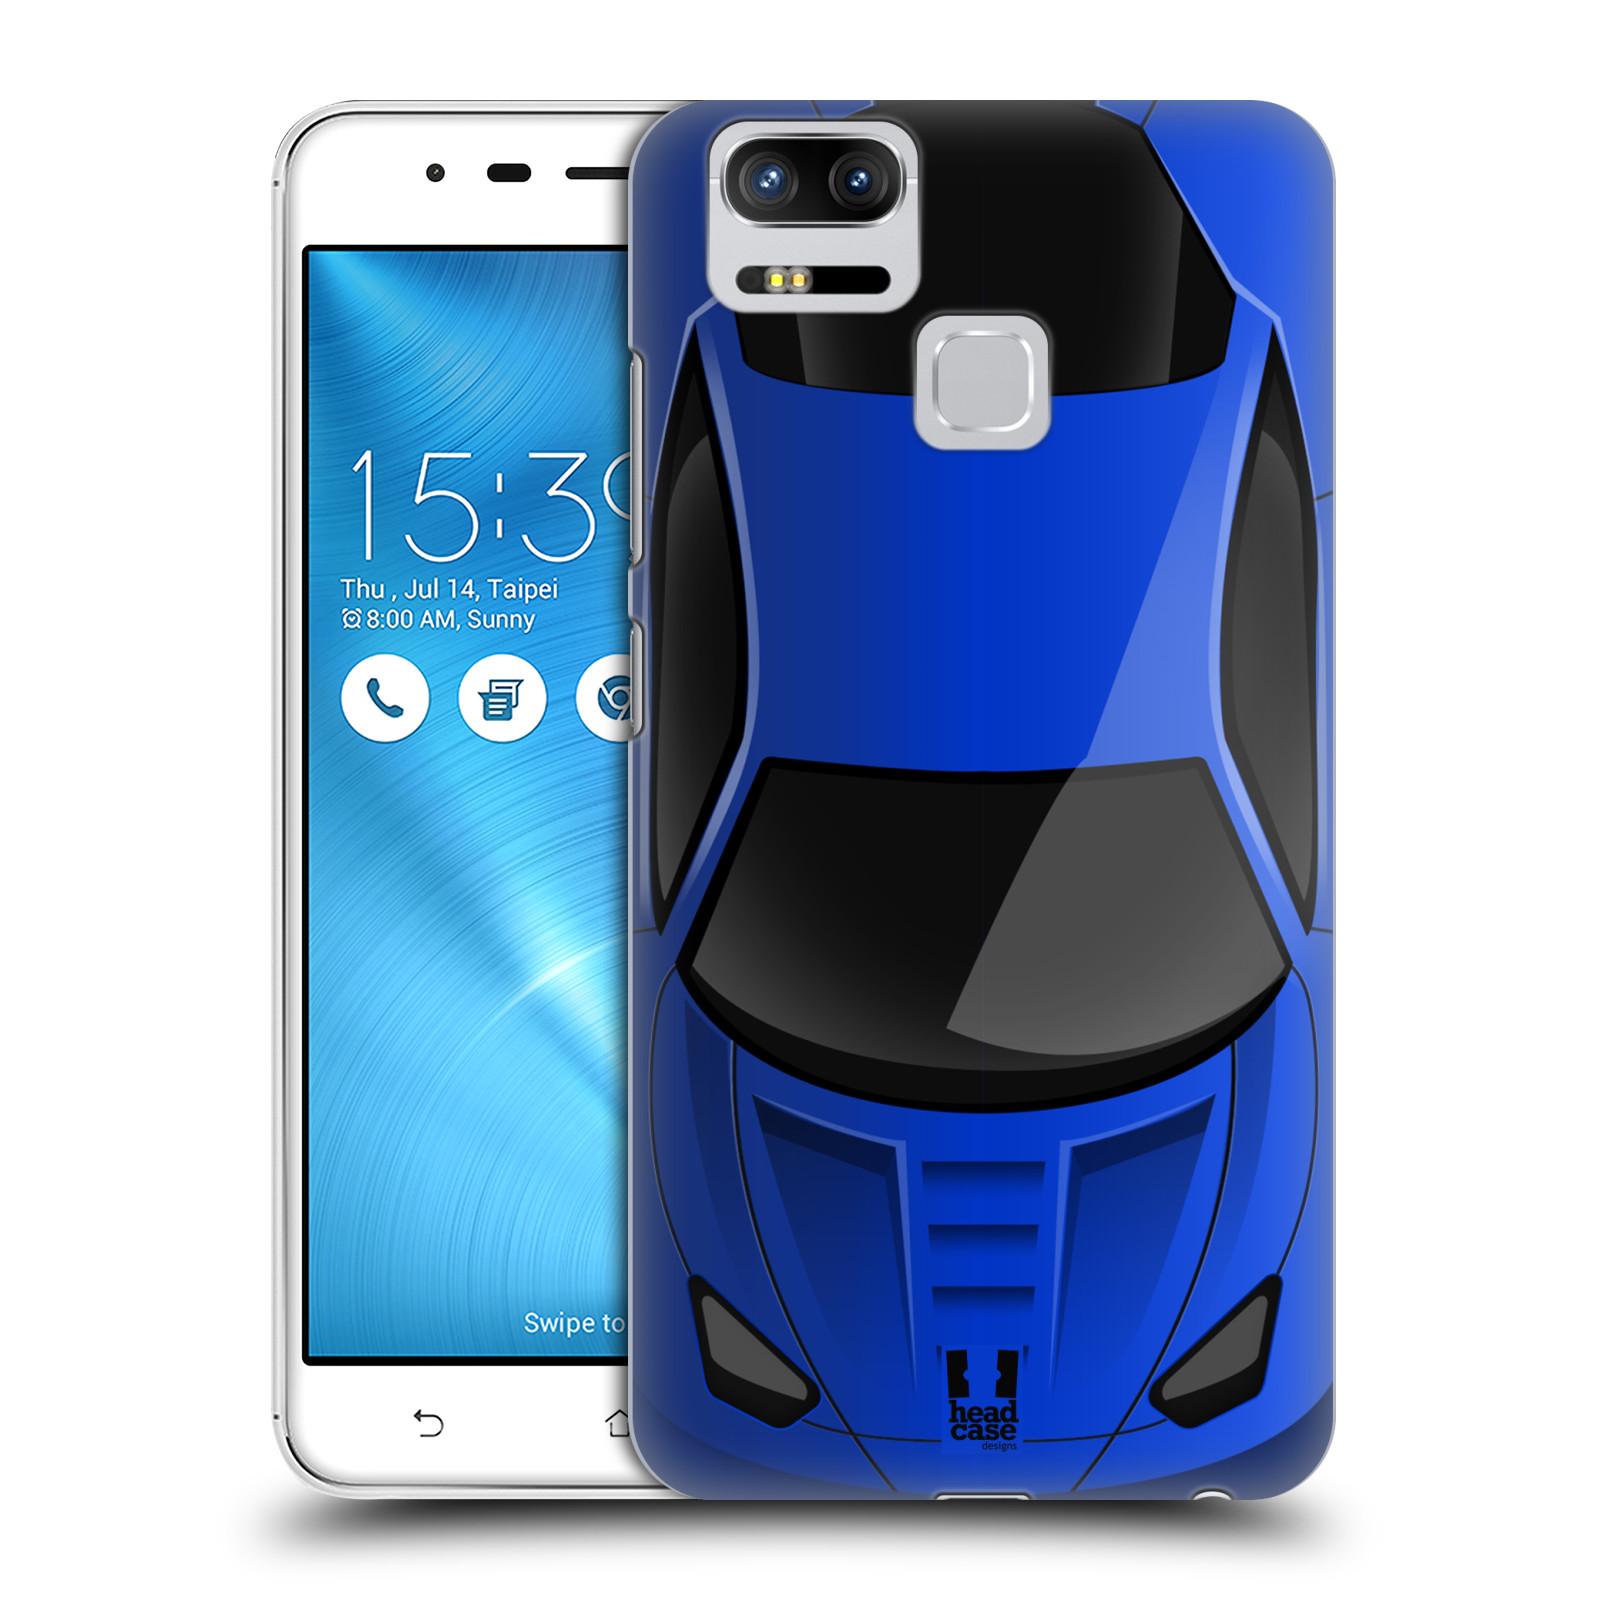 Plastové pouzdro na mobil Asus ZenFone 3 ZOOM ZE553KL - Head Case - AUTO MODRÉ (Plastový kryt či obal na mobilní telefon Asus ZenFone 3 ZOOM ZE553KL s motivem AUTO MODRÉ)